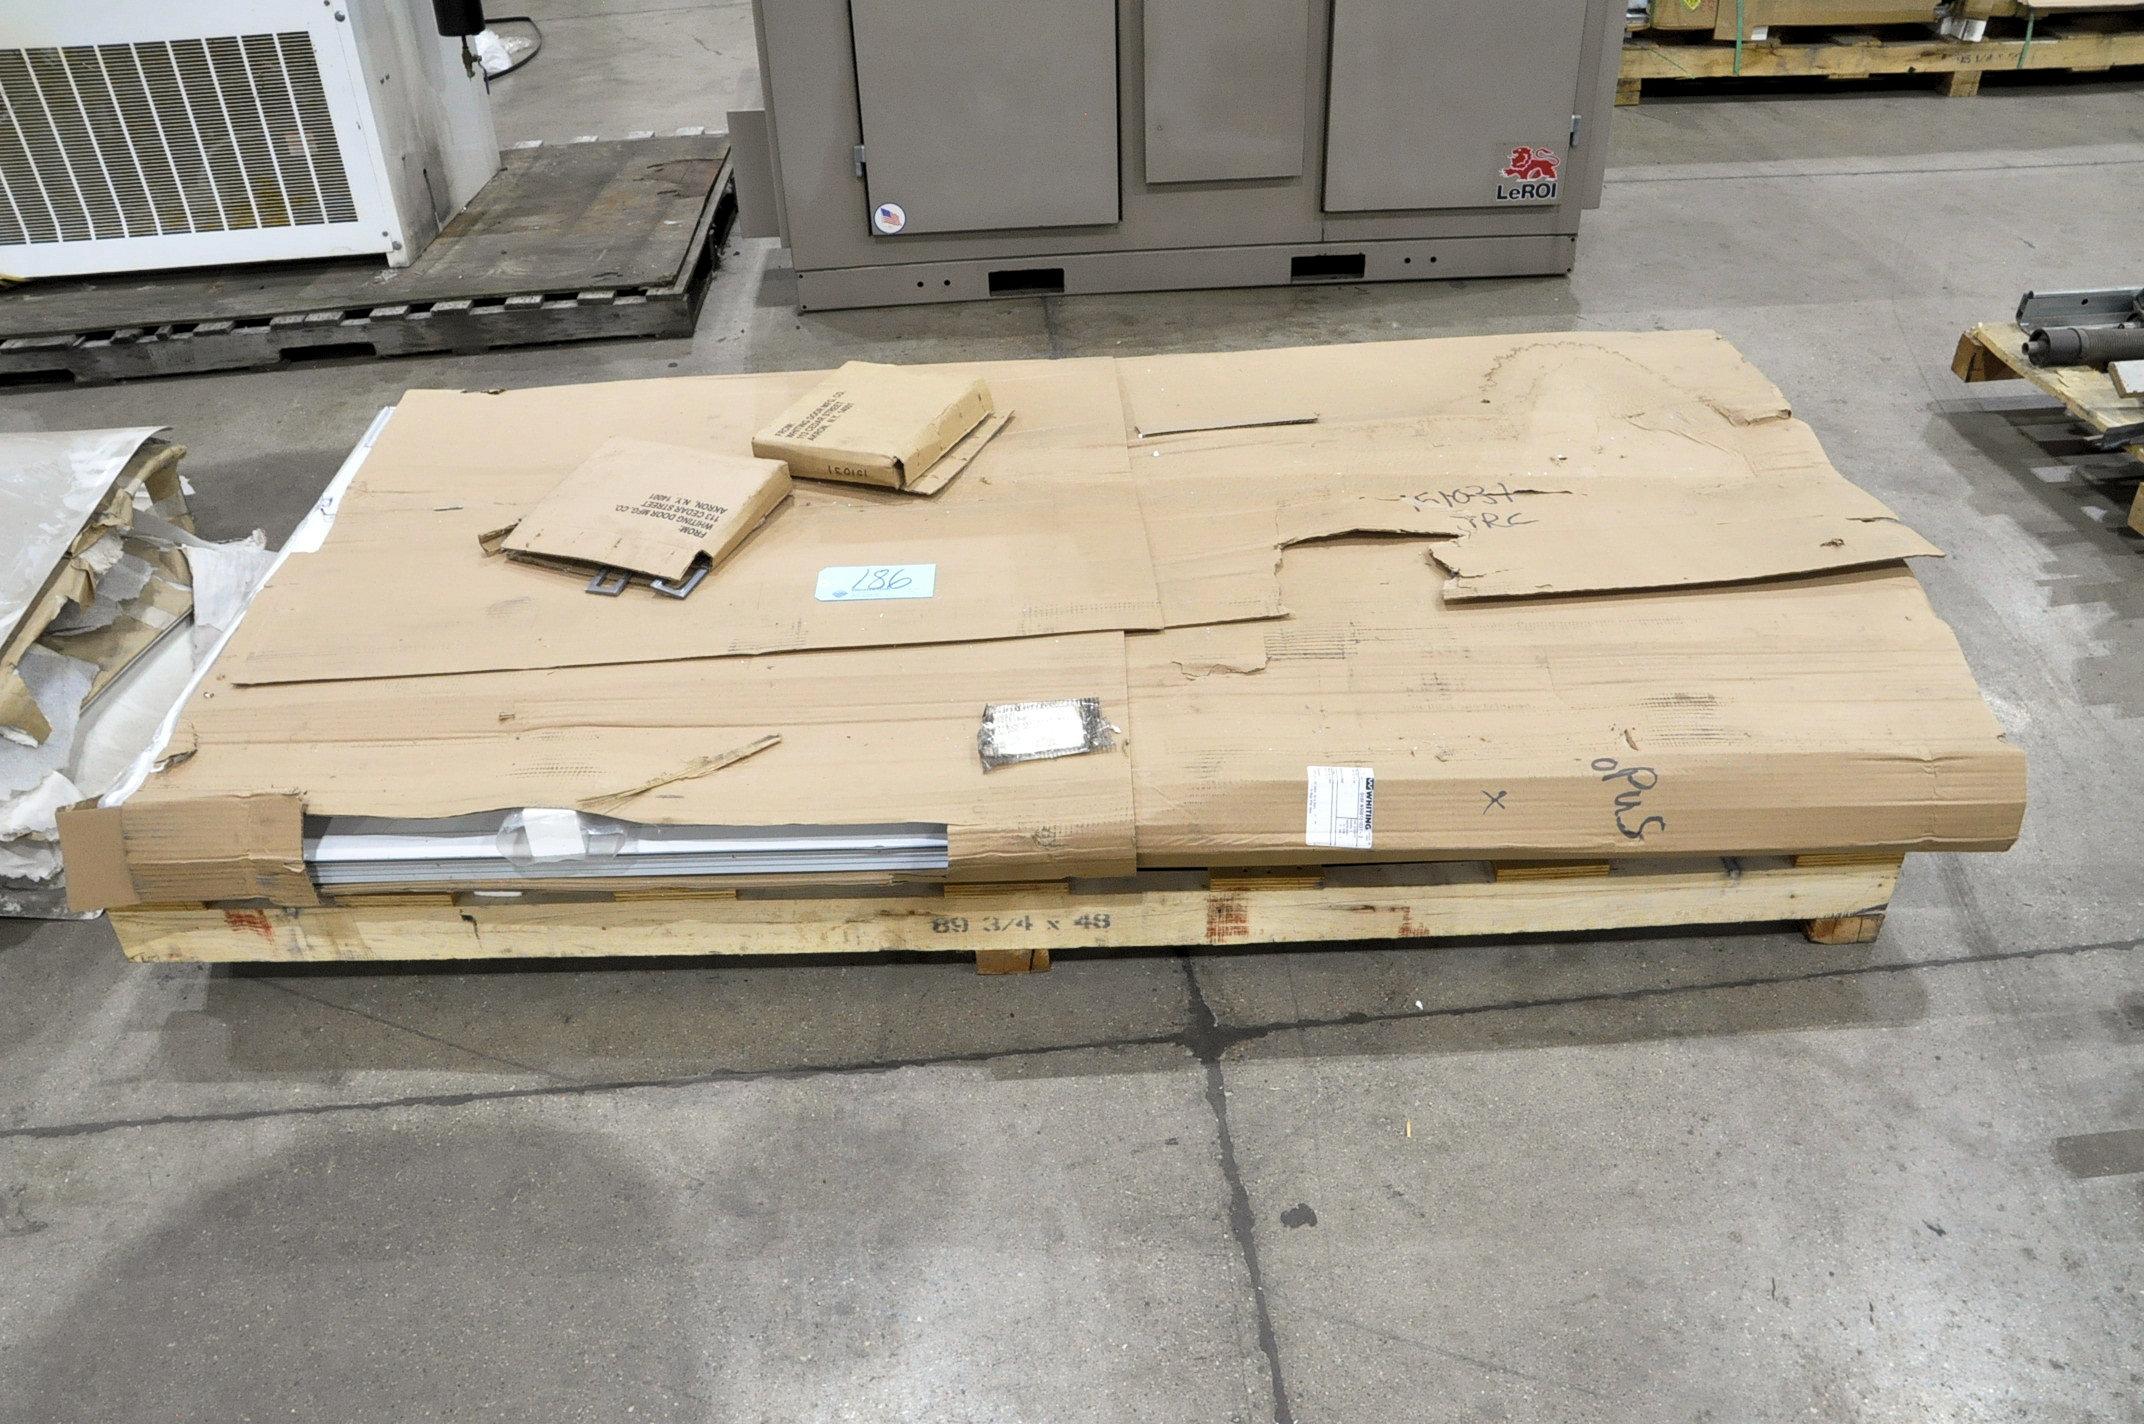 Lot-Overhead Truck Door Panels on (1) Pallet